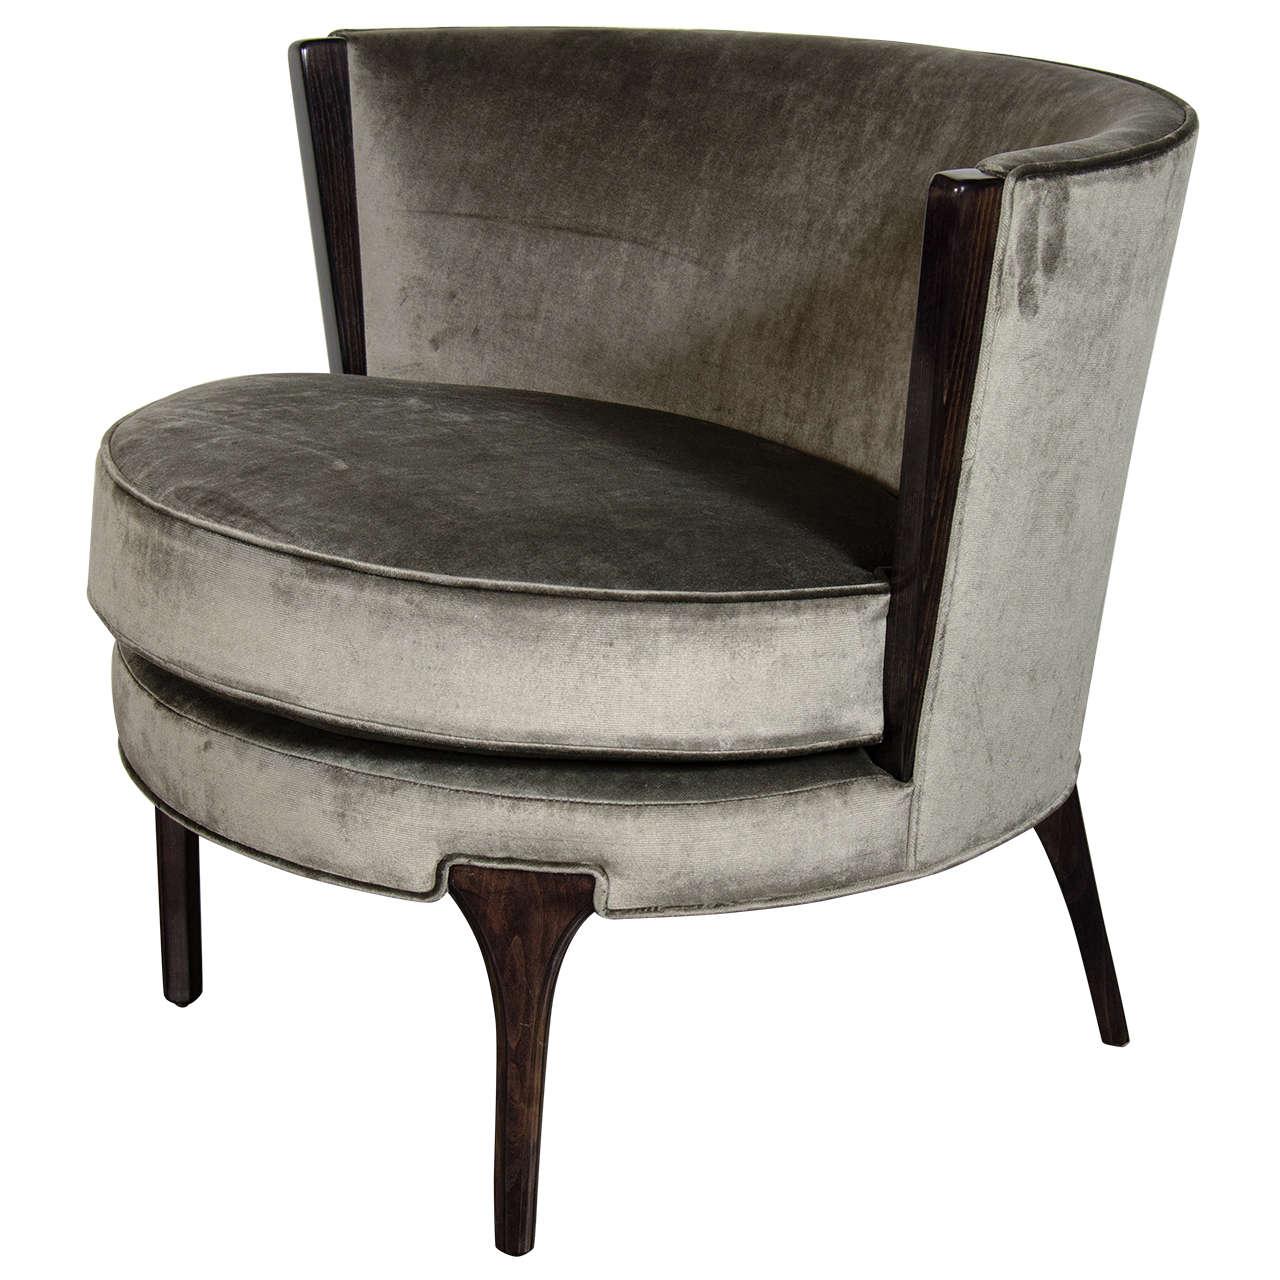 sophisticated midcentury modernist barrel back occasional chair . sophisticated midcentury modernist barrel back occasional chair